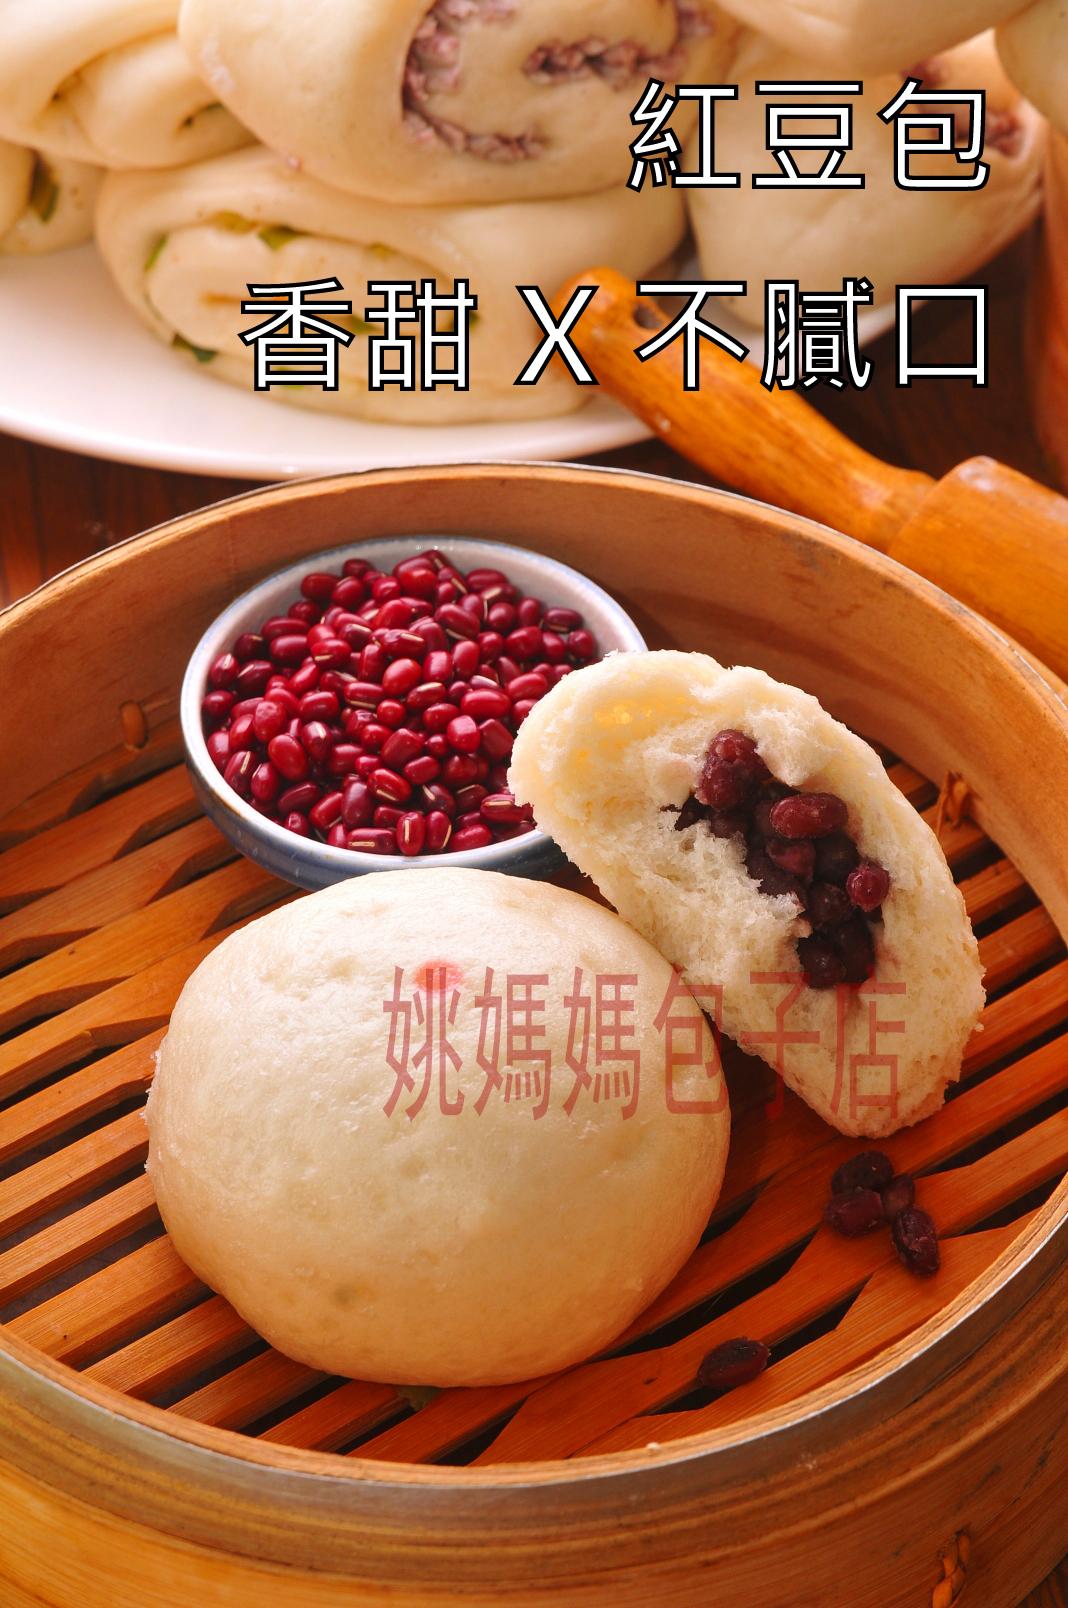 【姚媽媽工作坊】紅豆包5入●手工製作●無任何化學添加●可素食●包子●饅頭